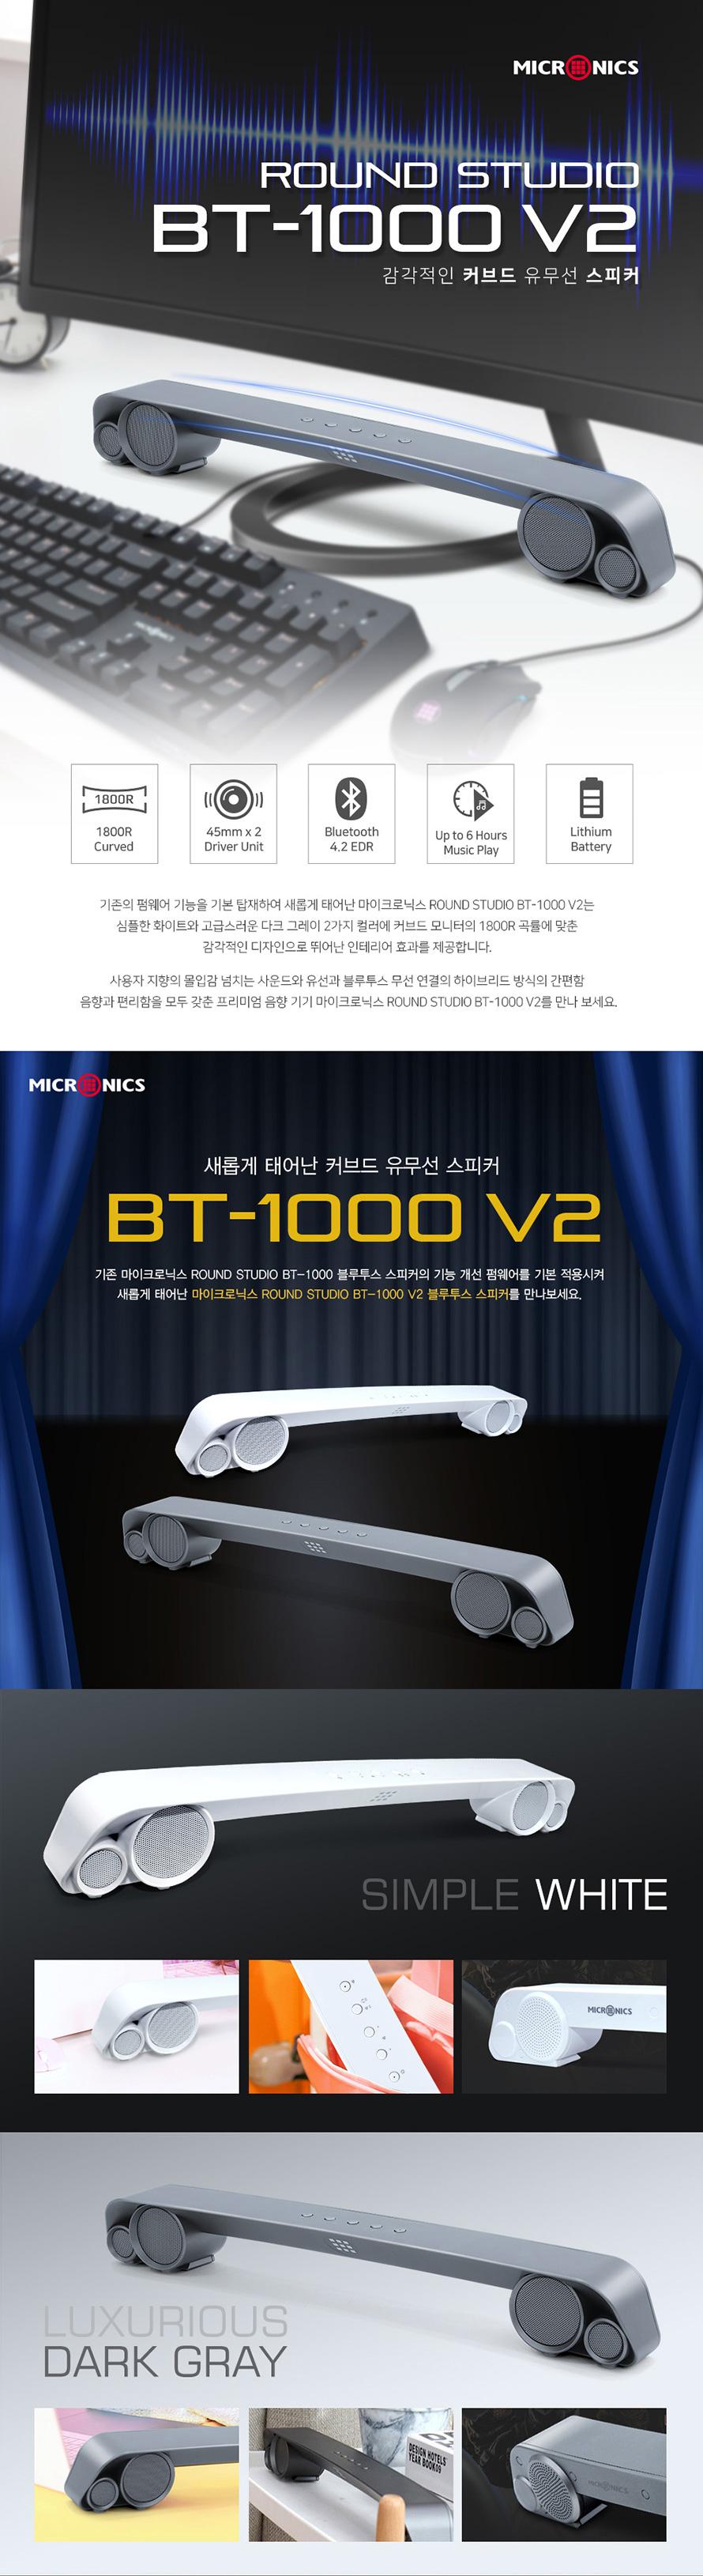 마이크로닉스 ROUND STUDIO BT-1000 V2 (다크그레이)